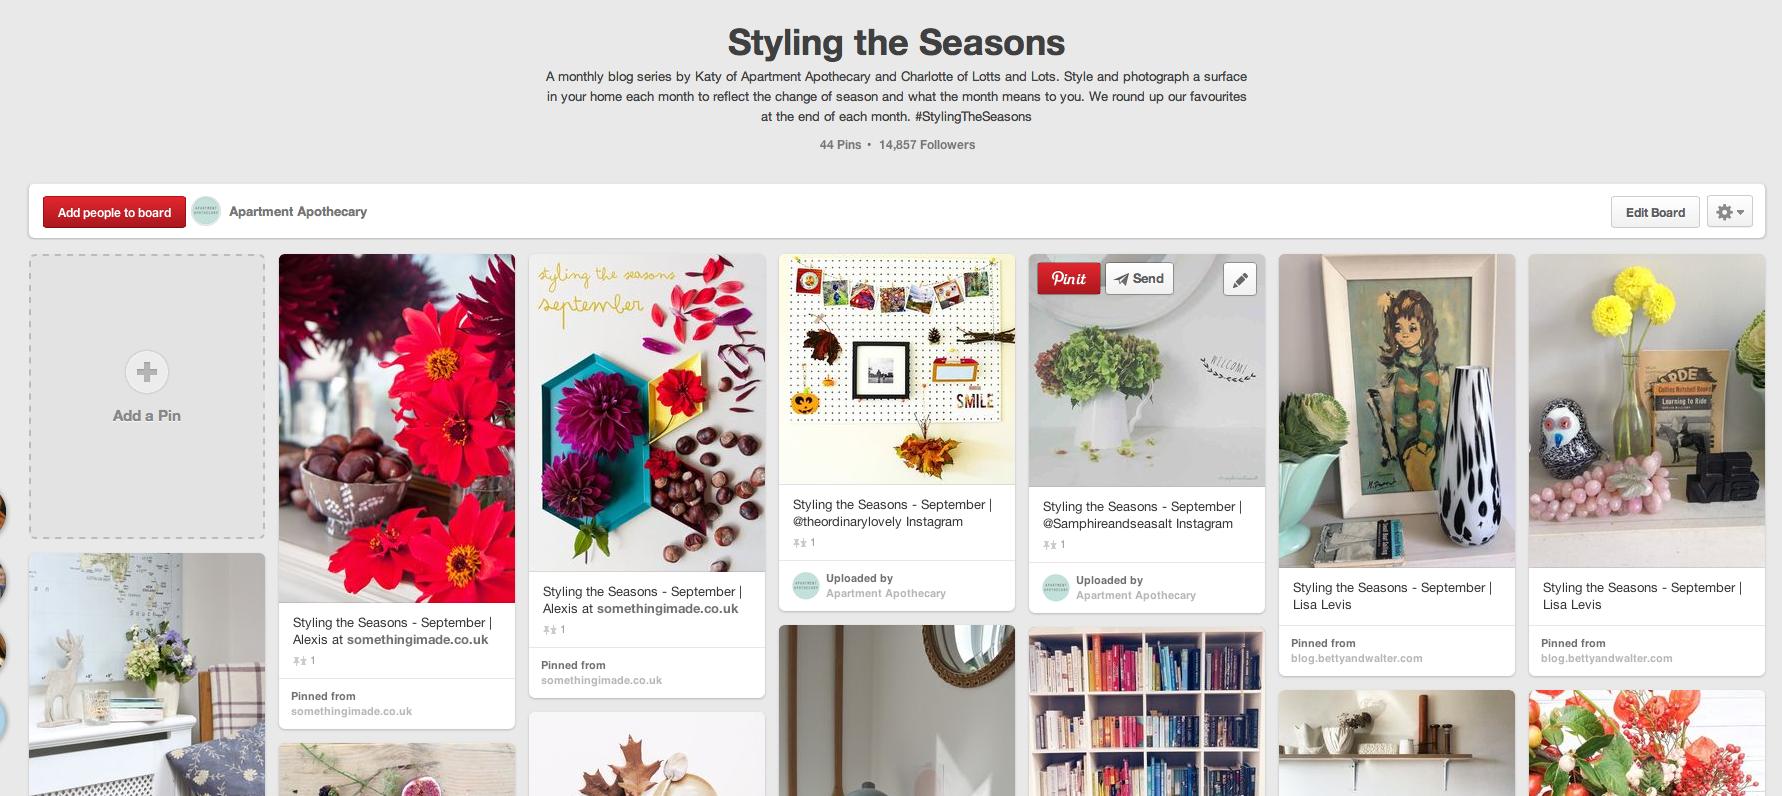 Styling the Seasons | Pinterest board